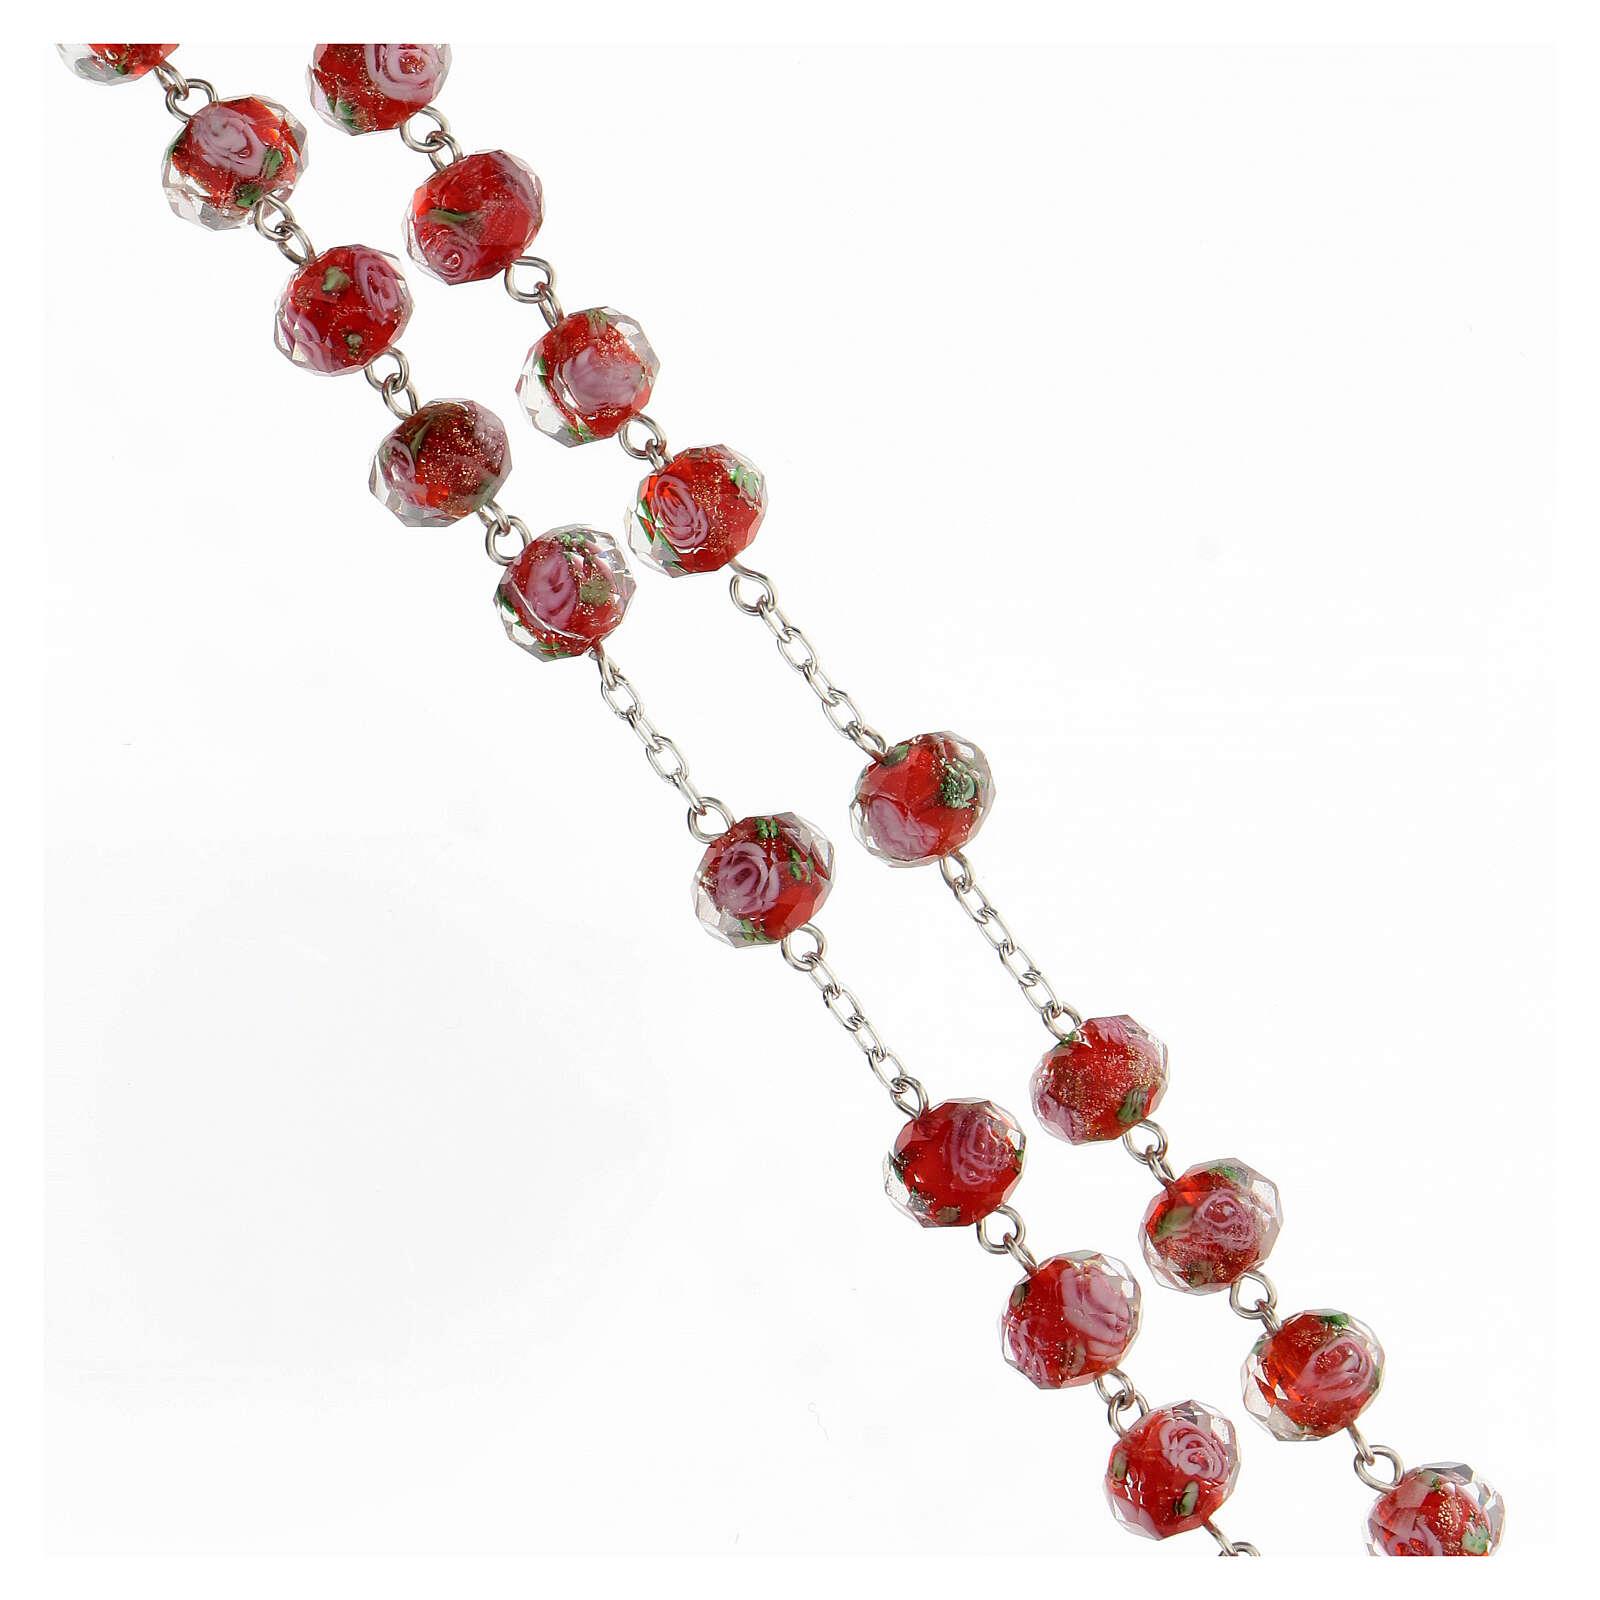 Chapelet grains 8x10 mm verre rouge roses argent 925 4